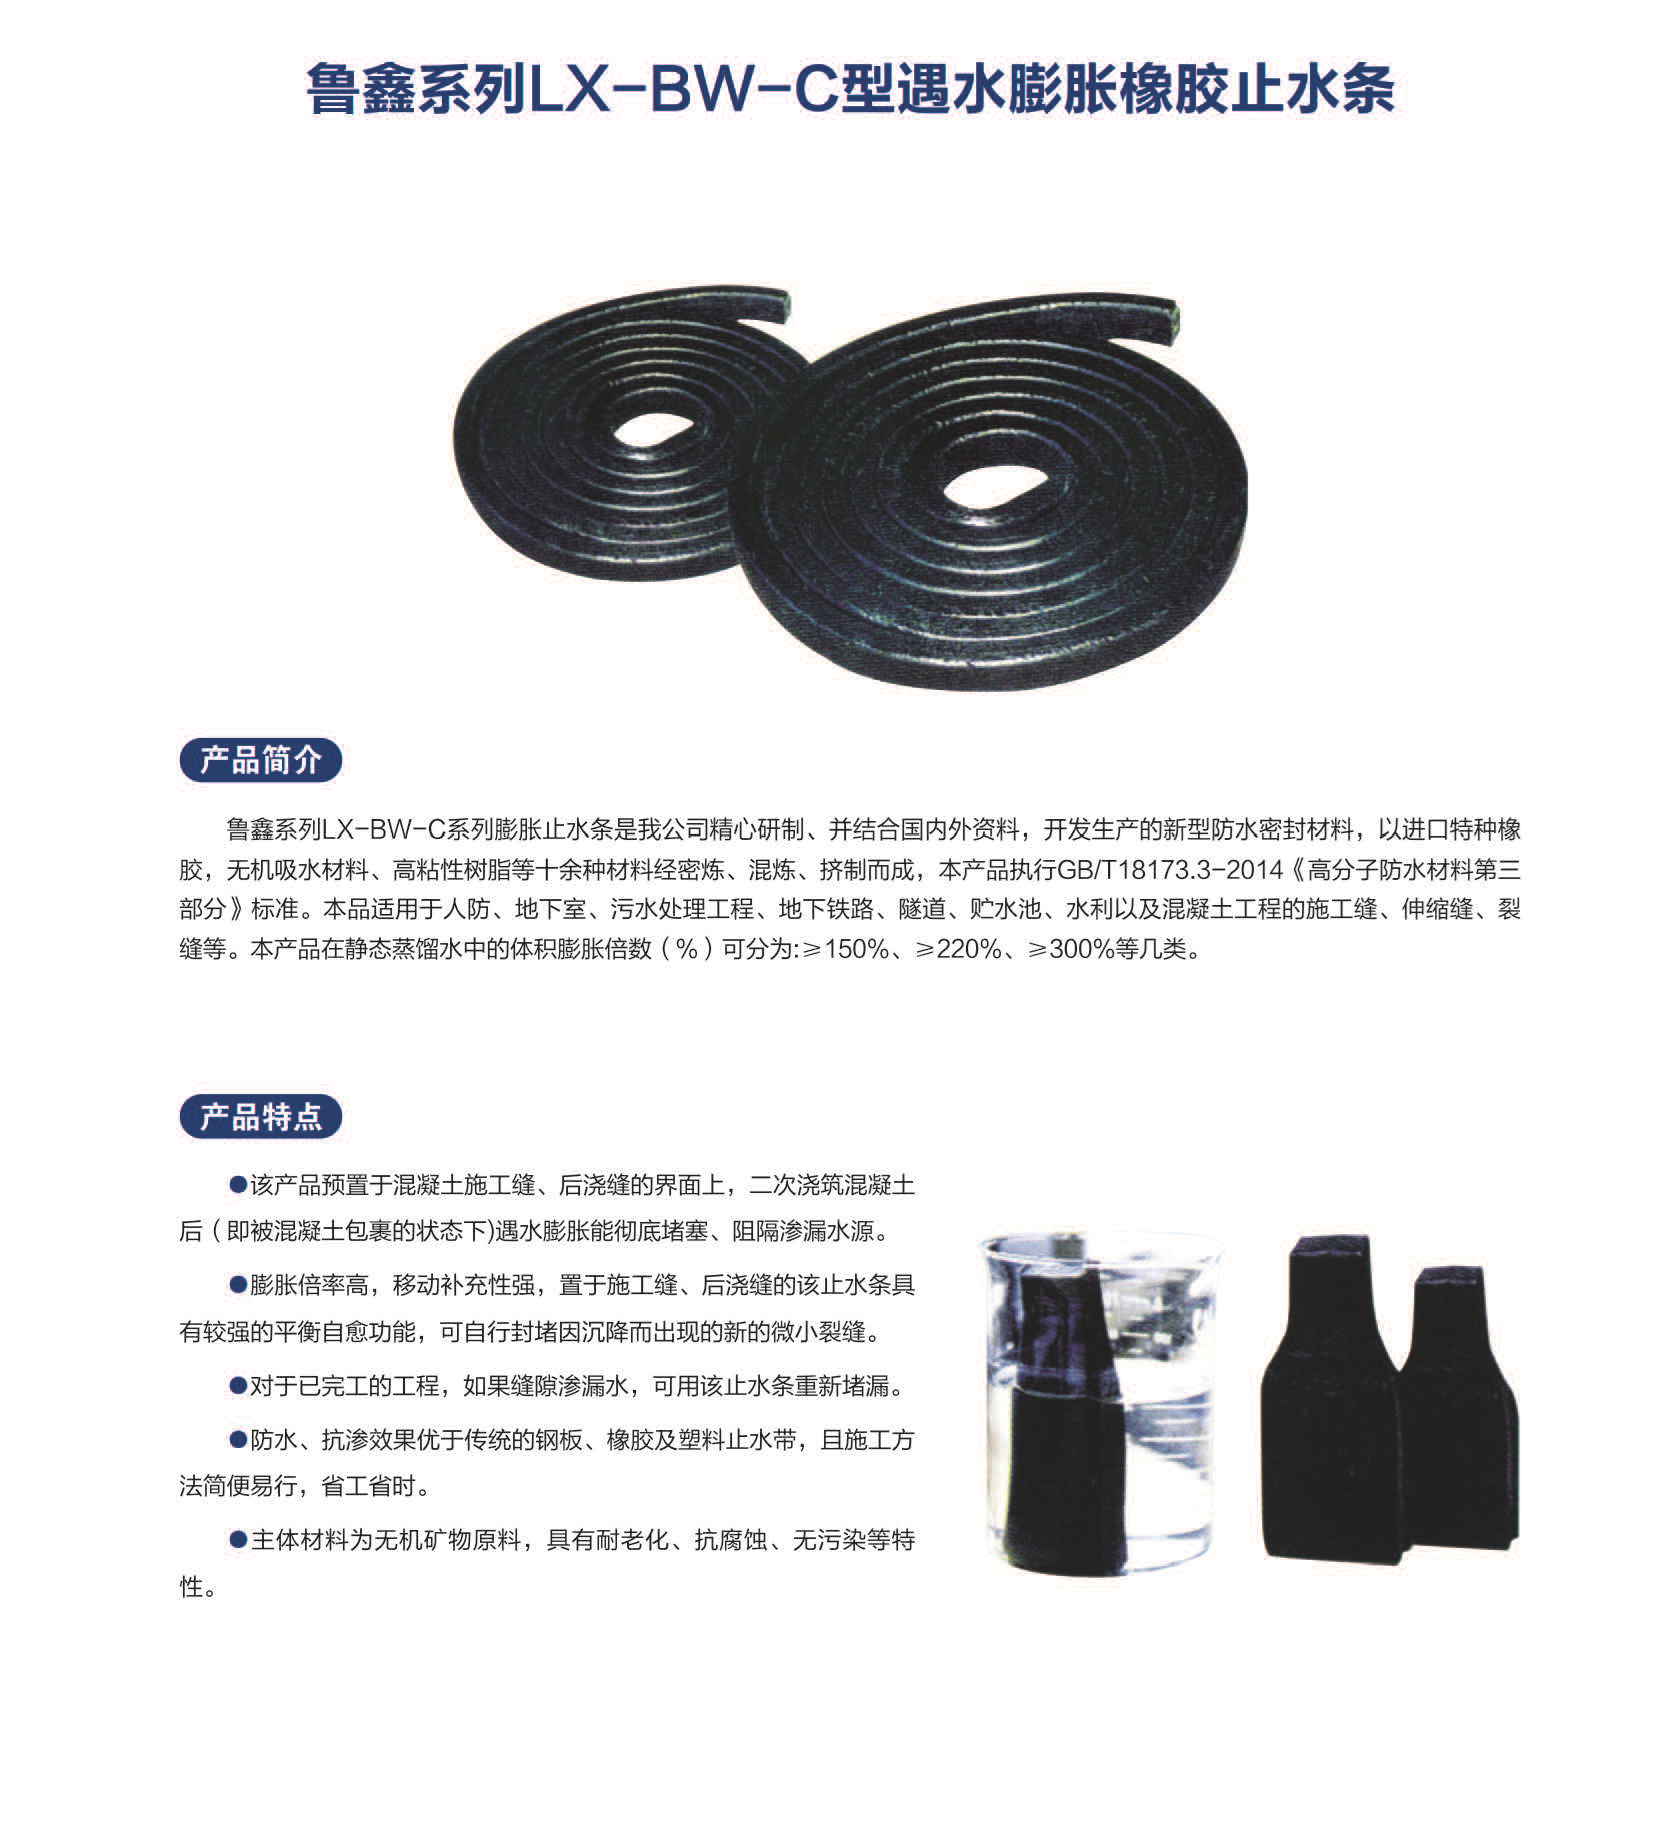 LX-BW-C型遇水膨胀橡胶止水条